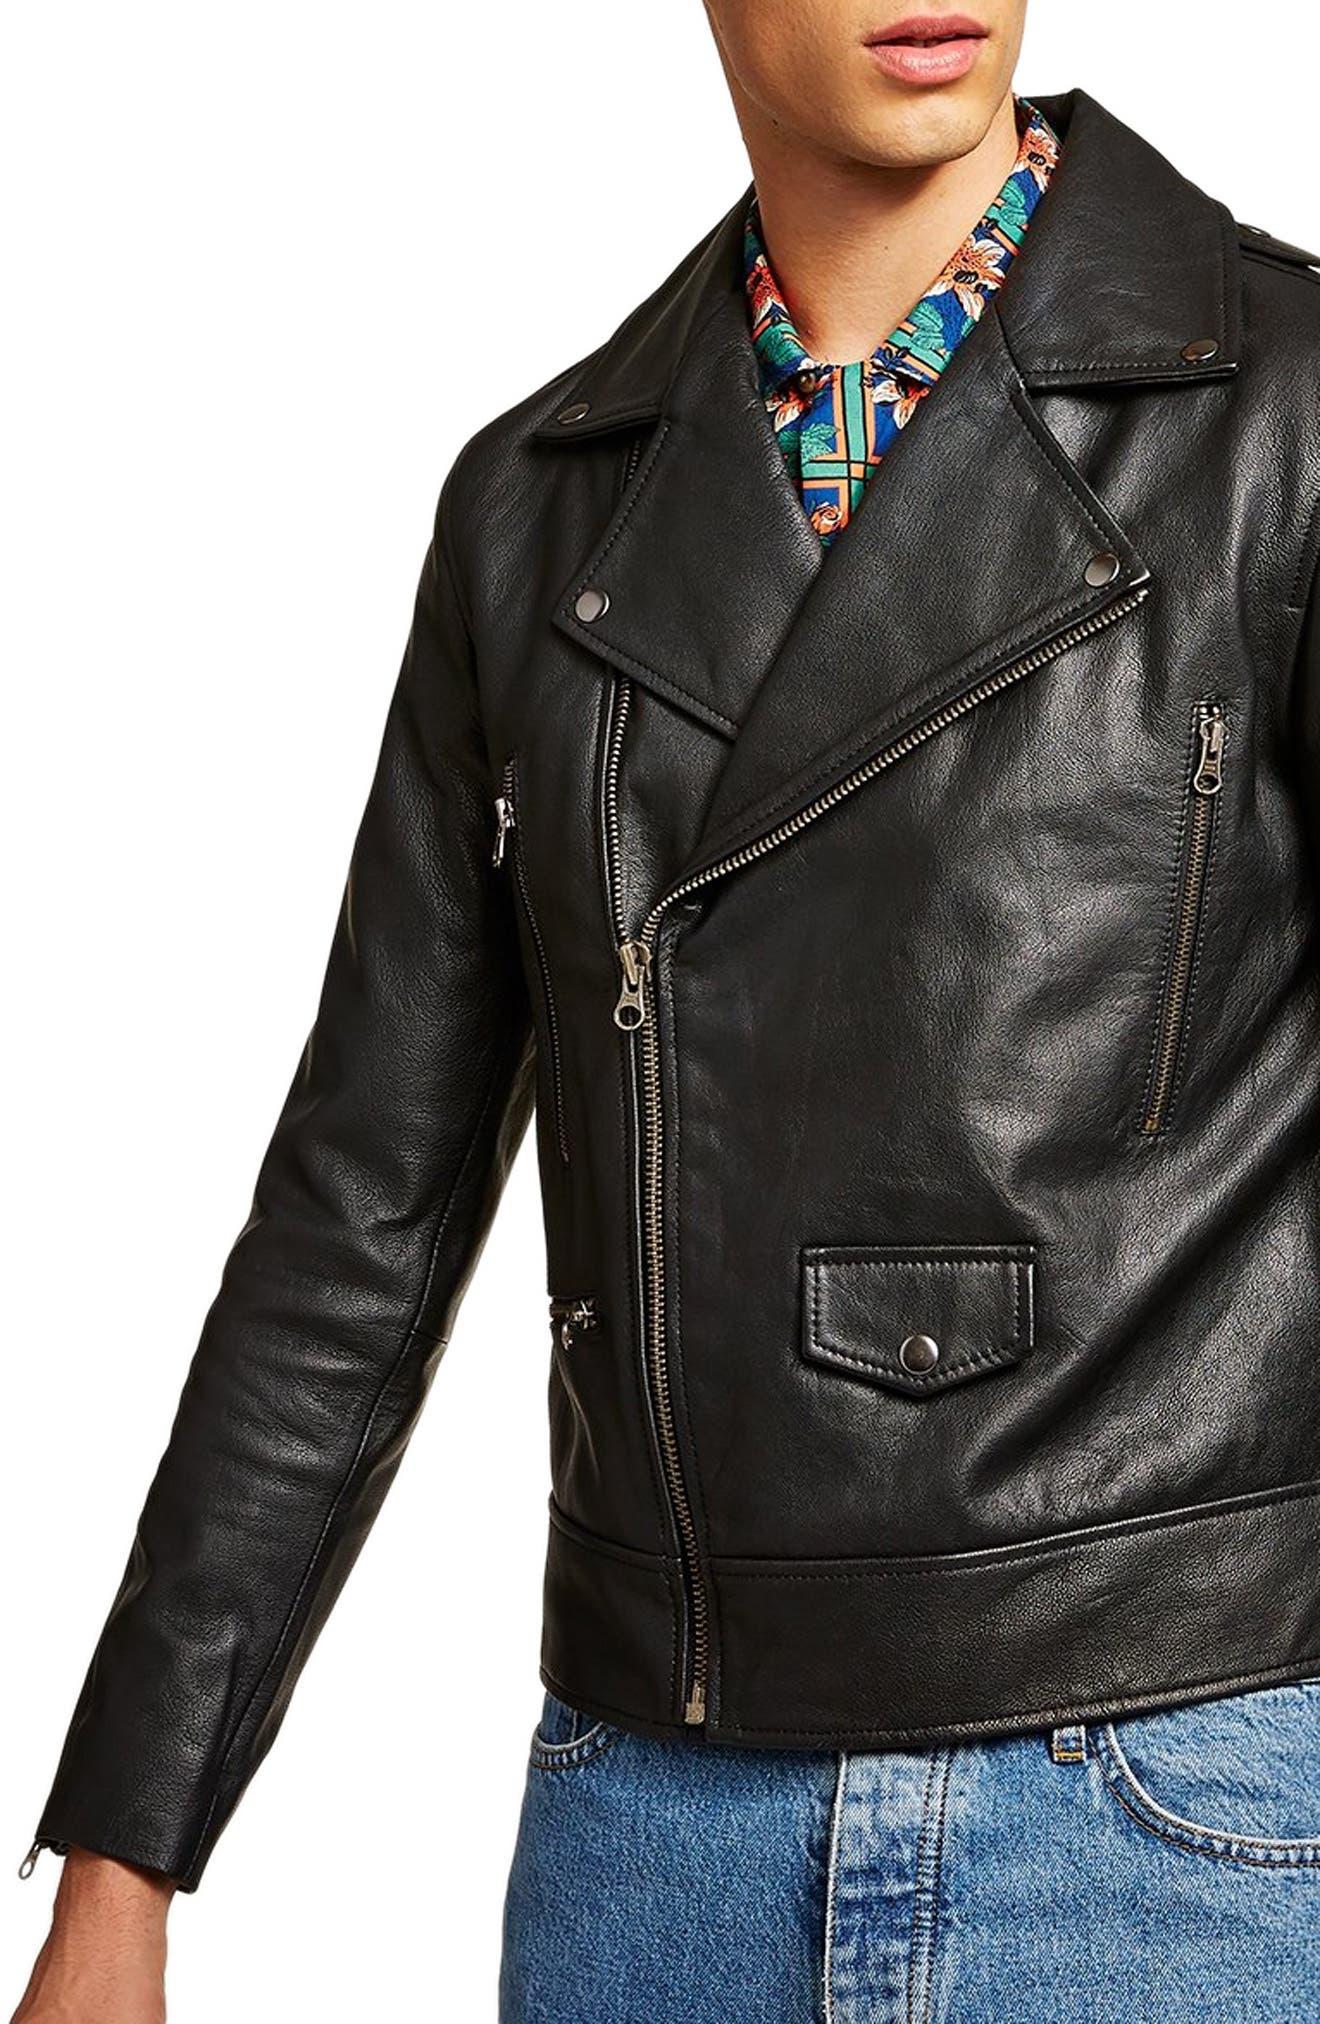 Classic Fit Leather Biker Jacket, Main, color, BLACK